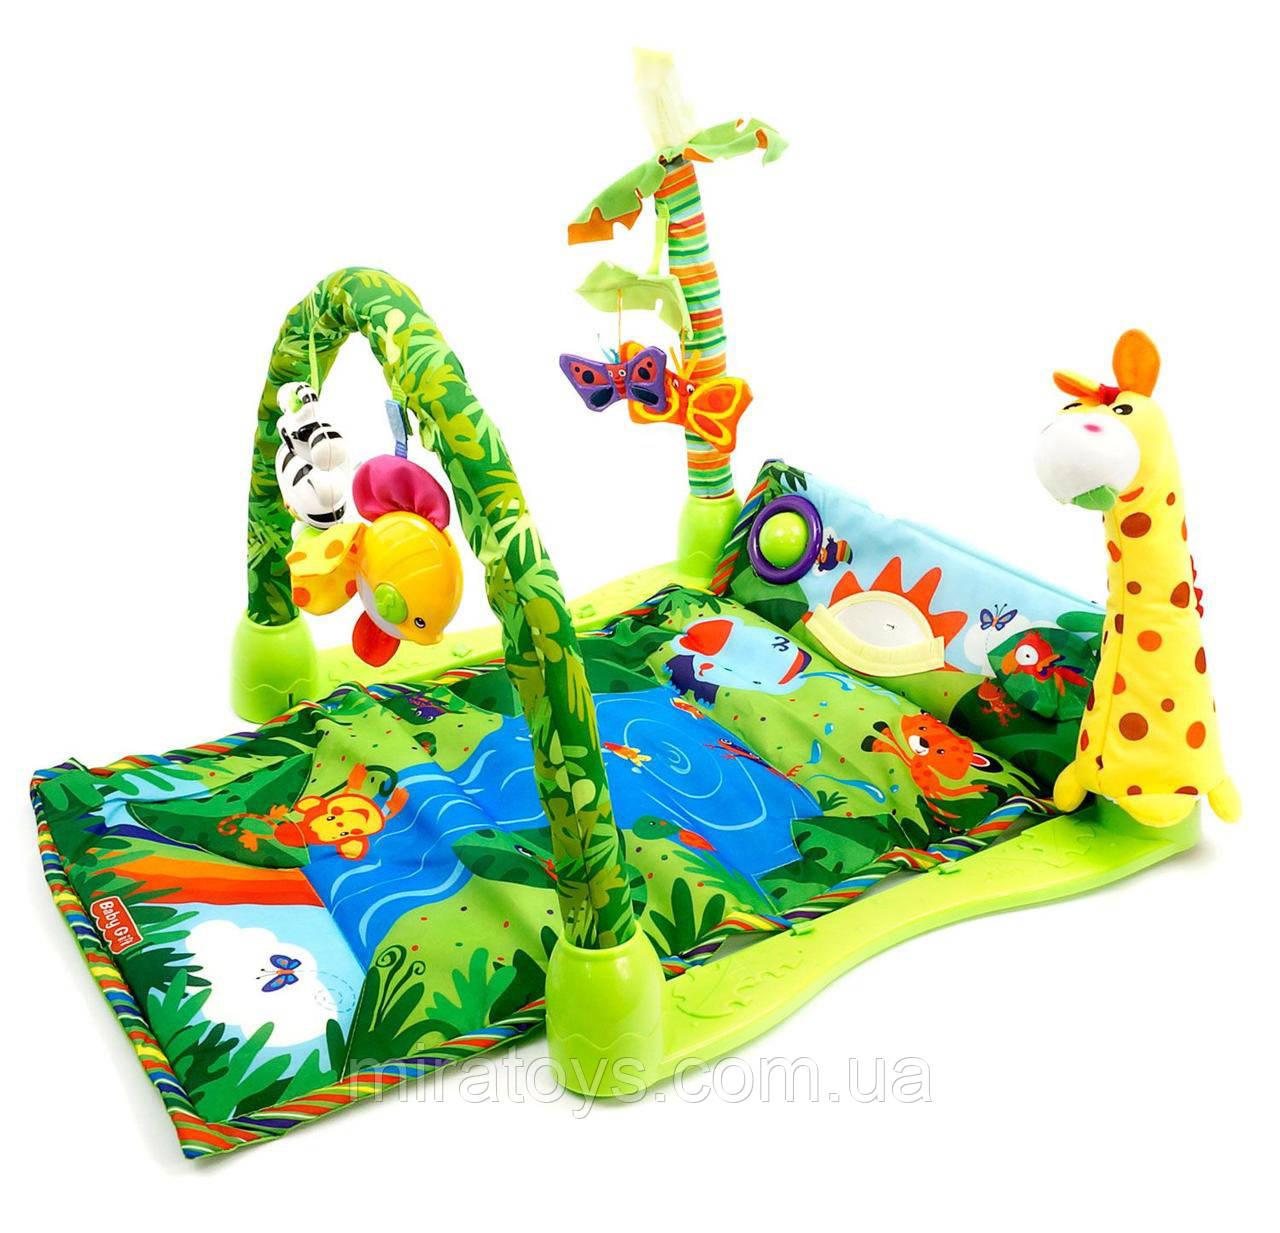 """Дитячий розвиваючий килимок 3059 """"Тропічний ліс"""""""